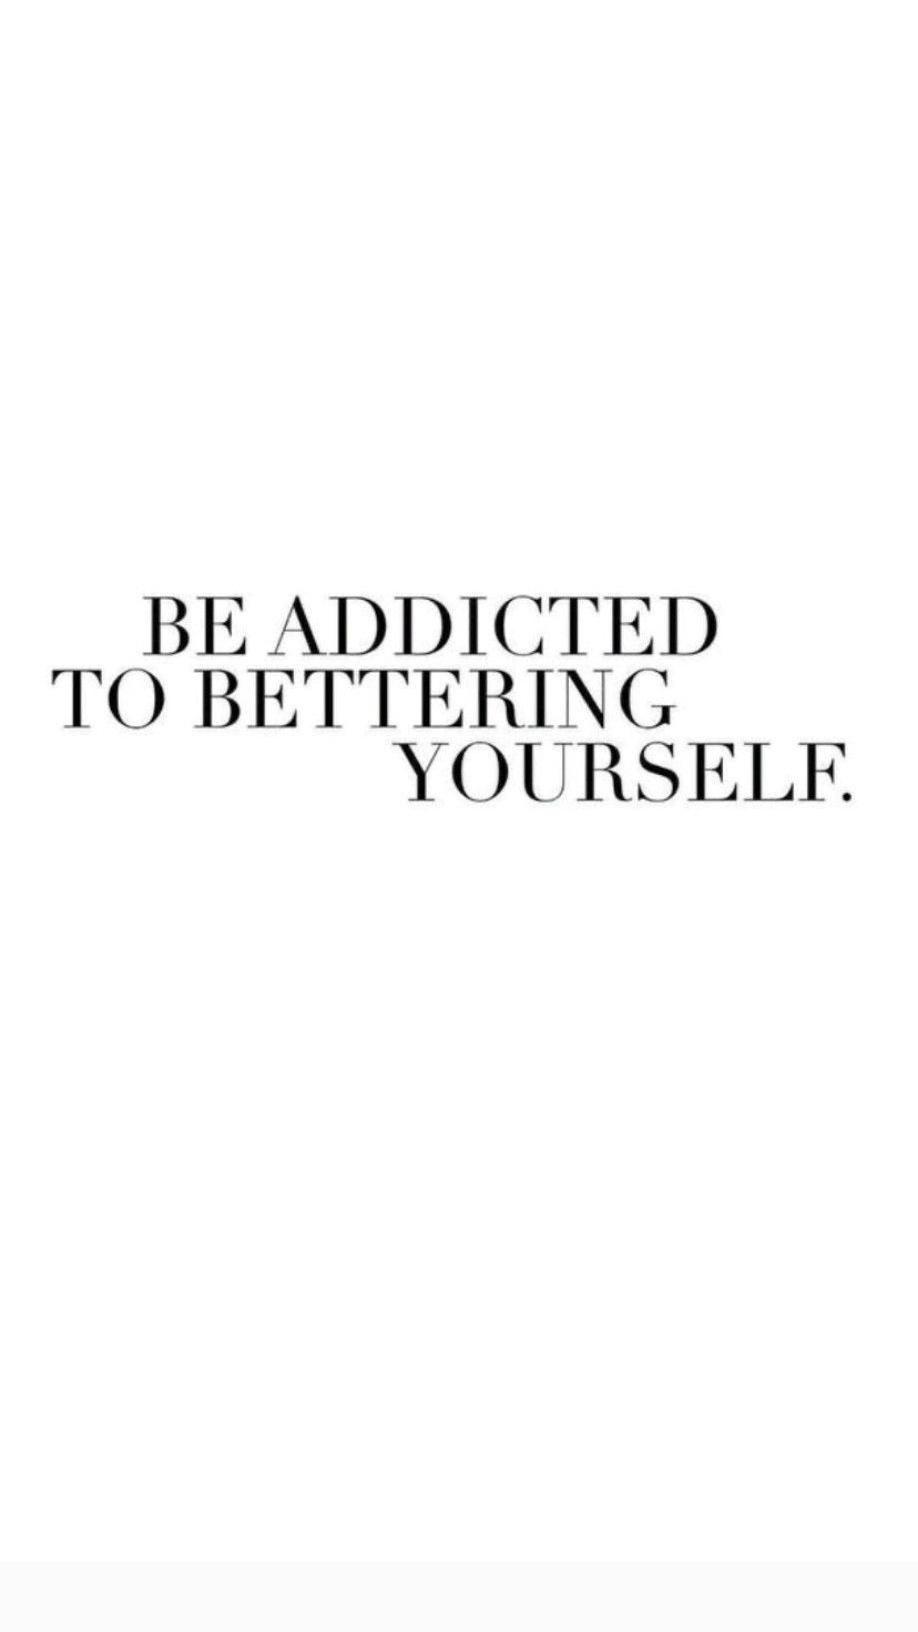 Words Of Encouragement